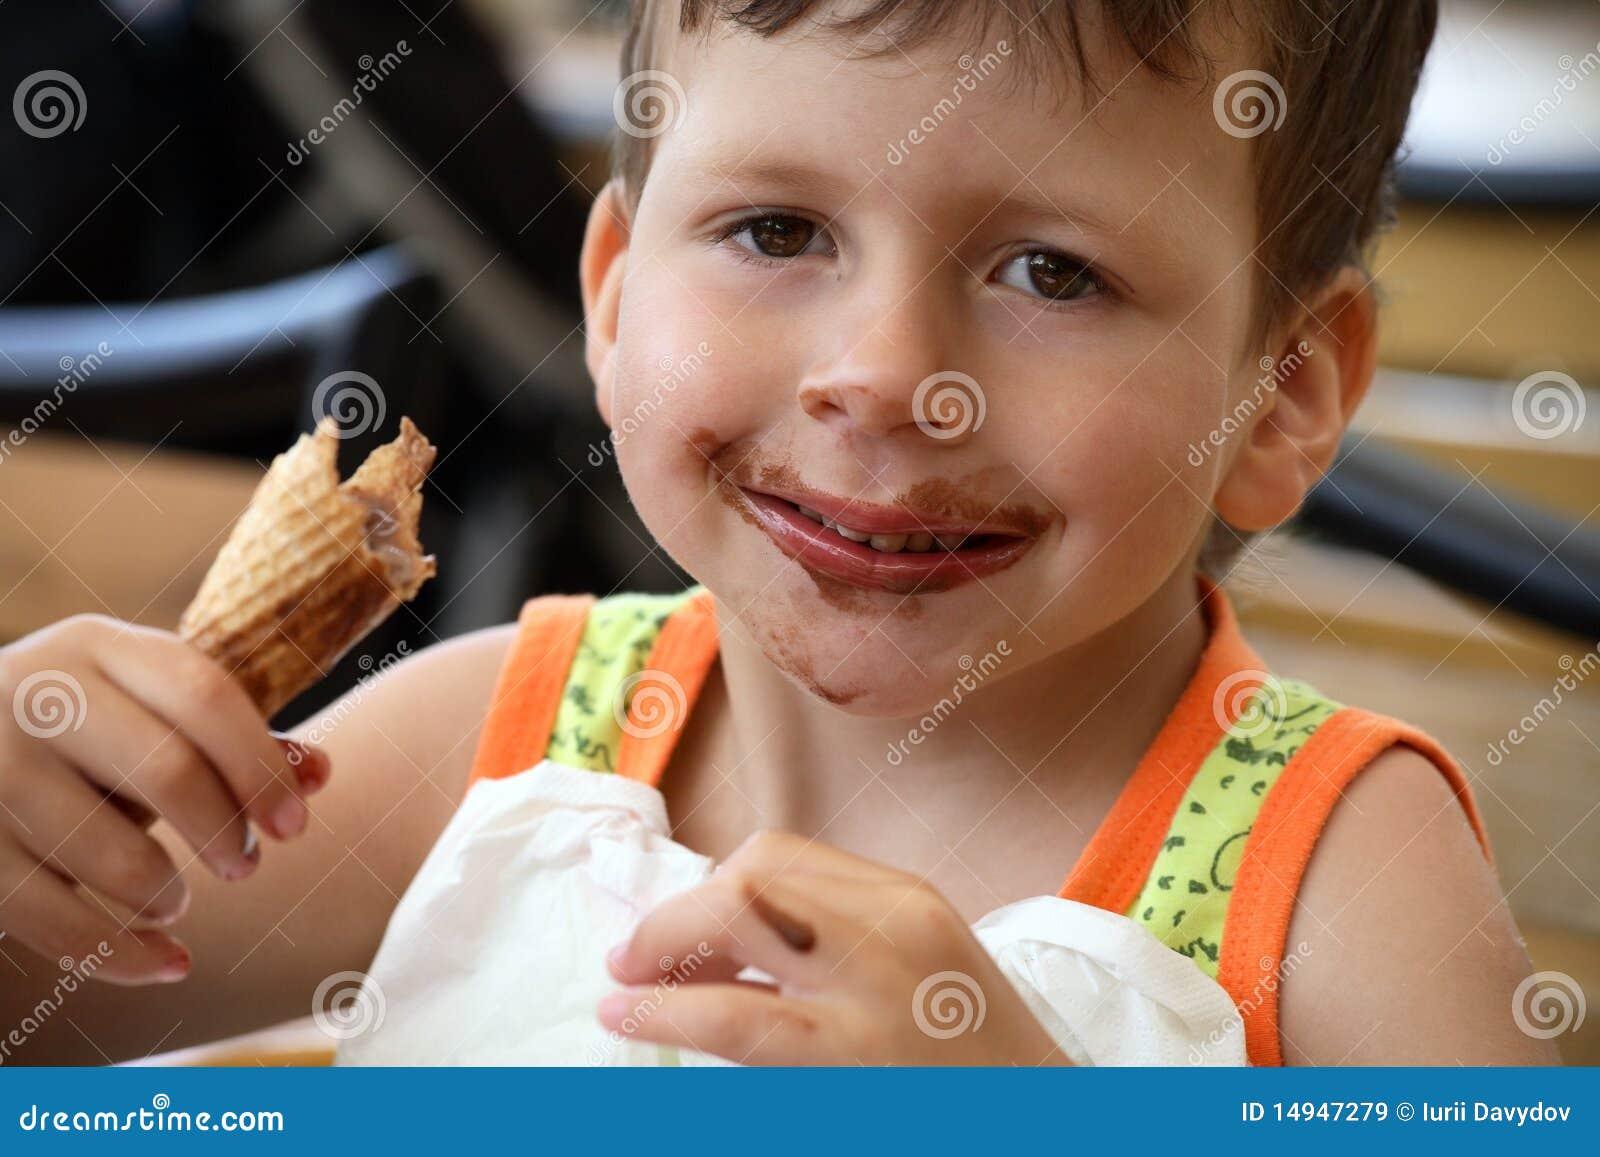 Happy child eats ice cream